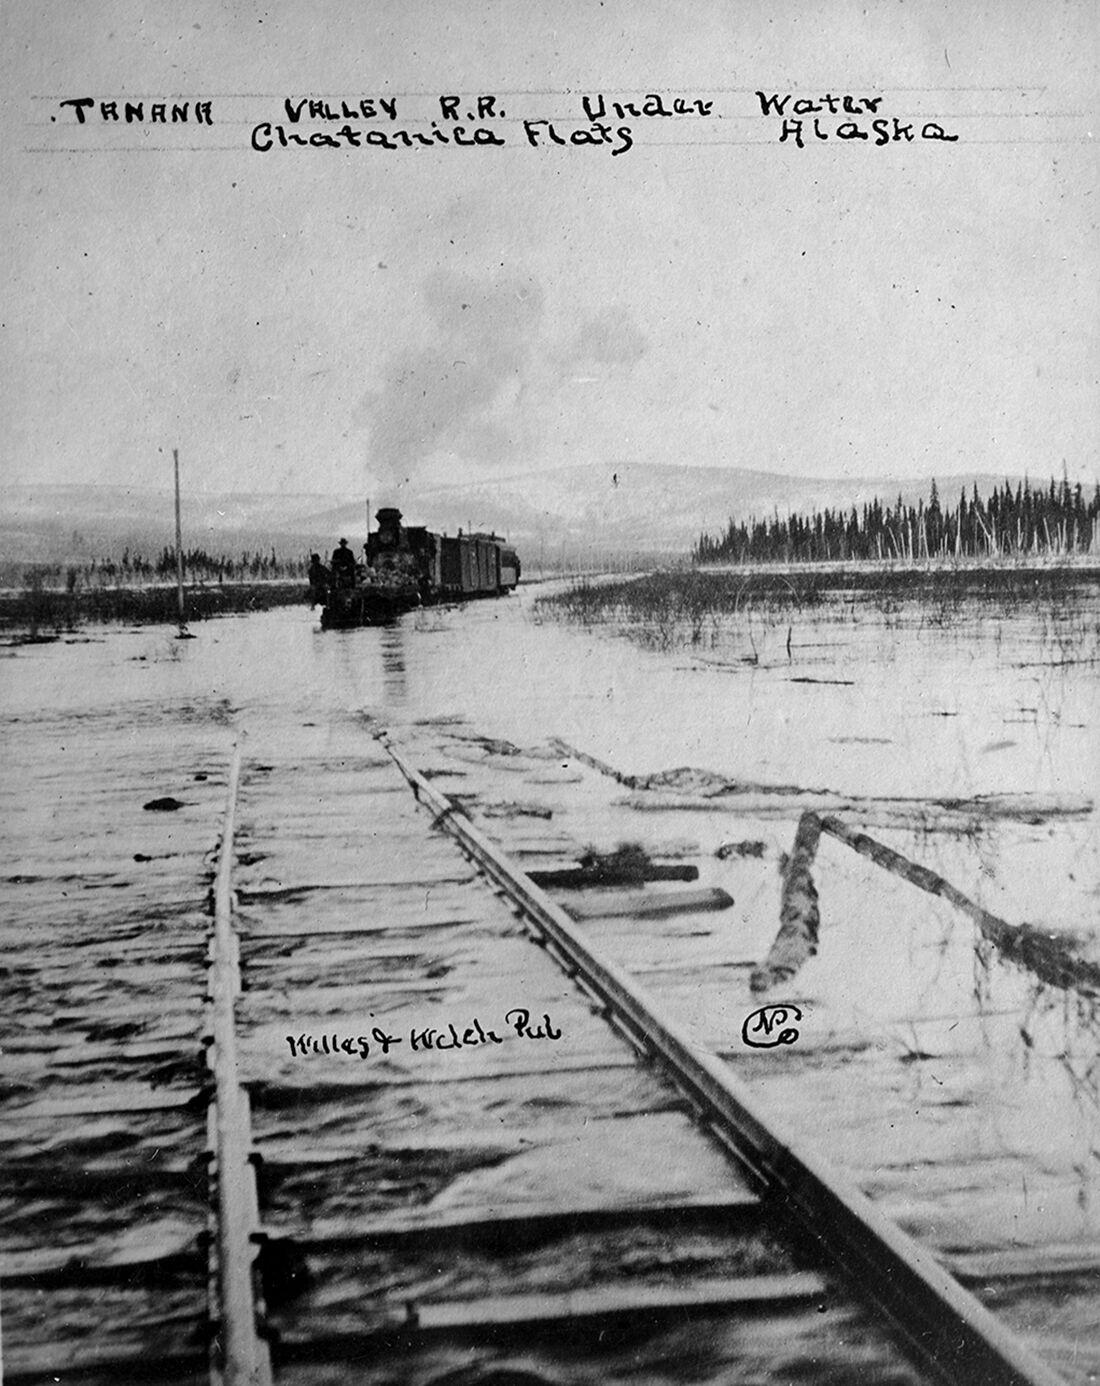 Tanana Valley Railroad